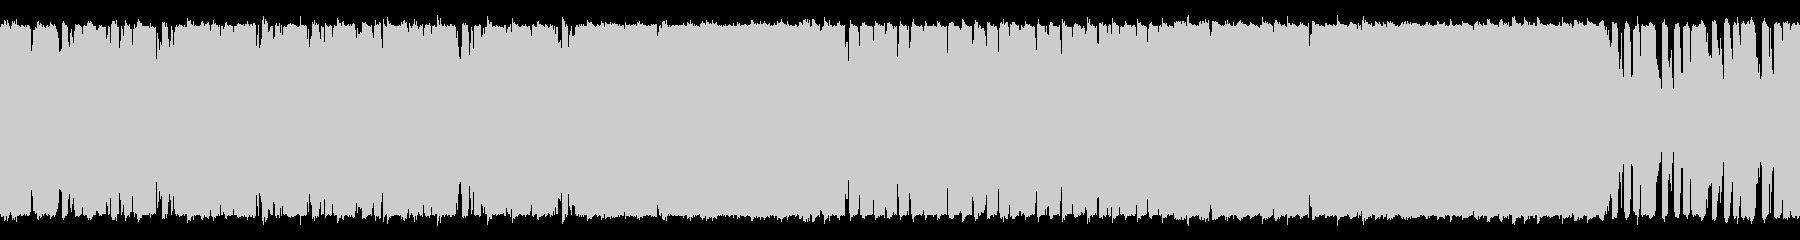 爽やかなショートBGM(ループ仕様)の未再生の波形